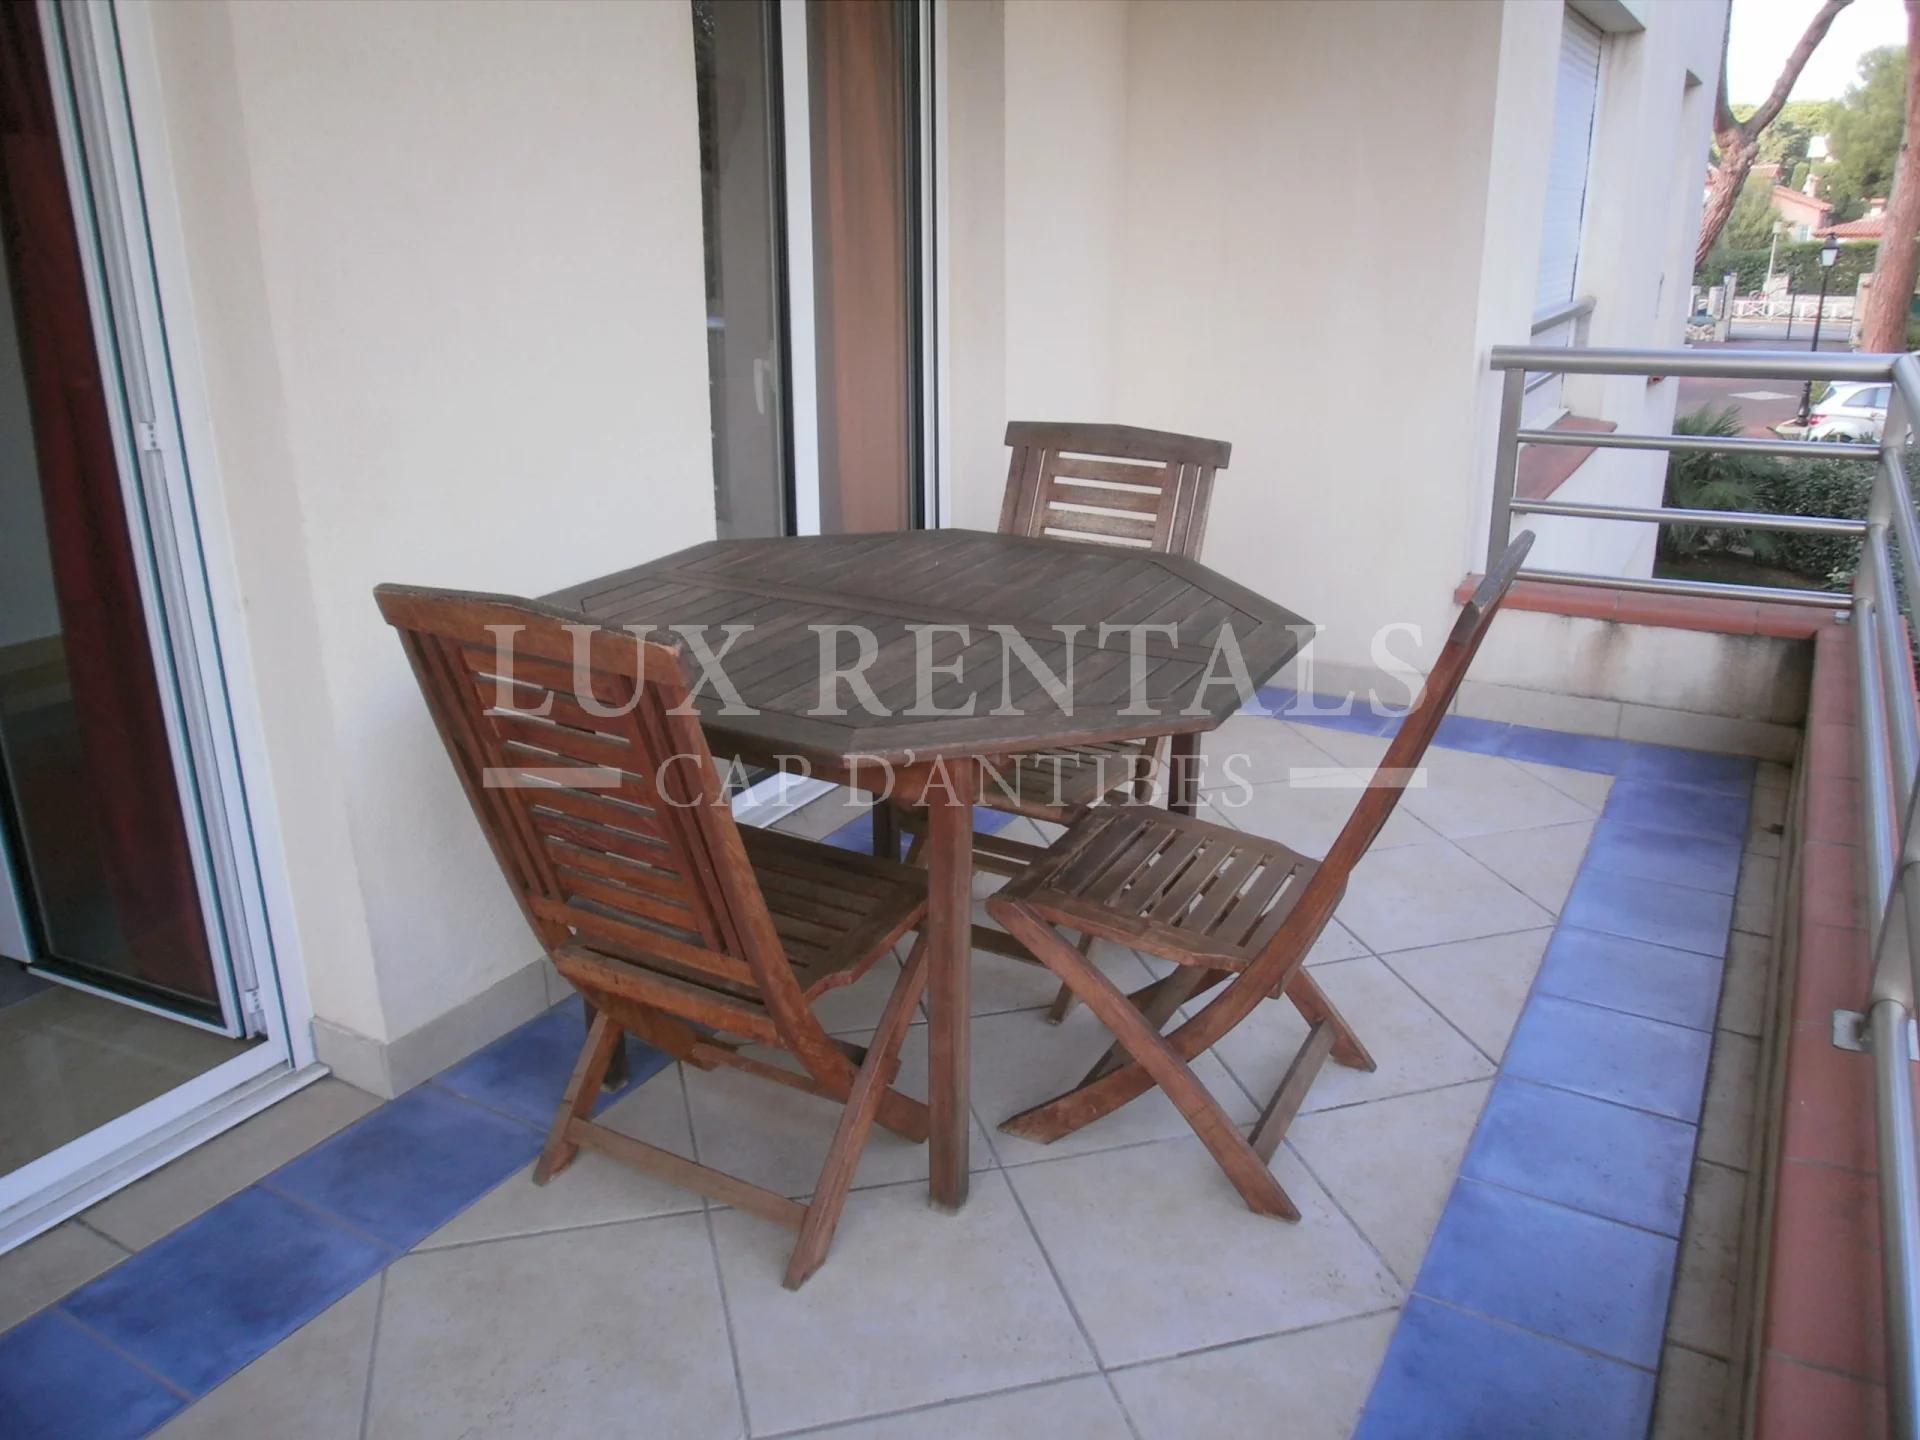 Seasonal rental Apartment - Juan-les-Pins